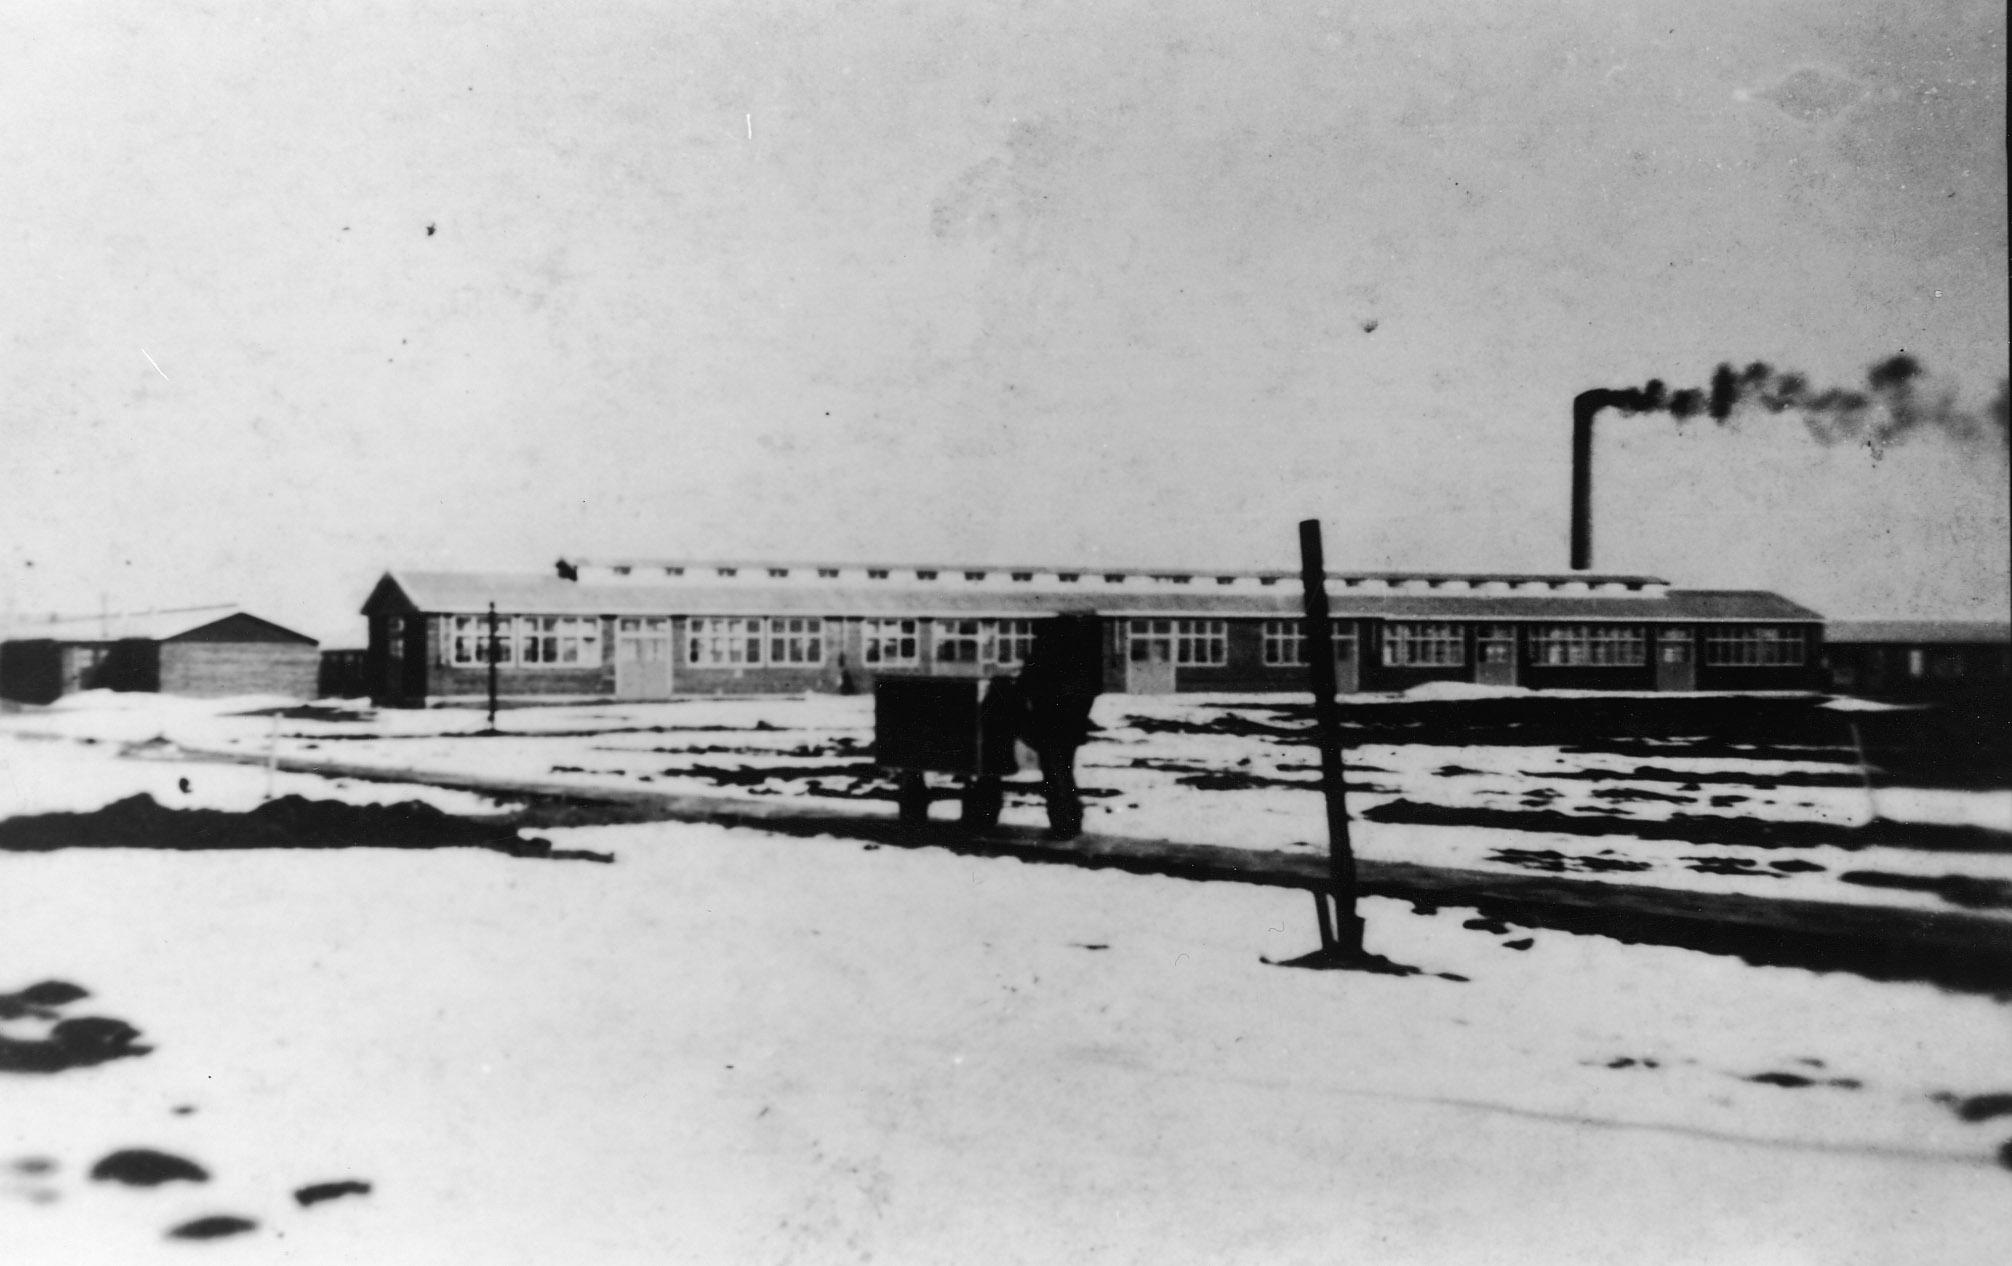 Barak 16, de barak van Fritz en Ilse en kamp Westerbork gedurende lange tijd.